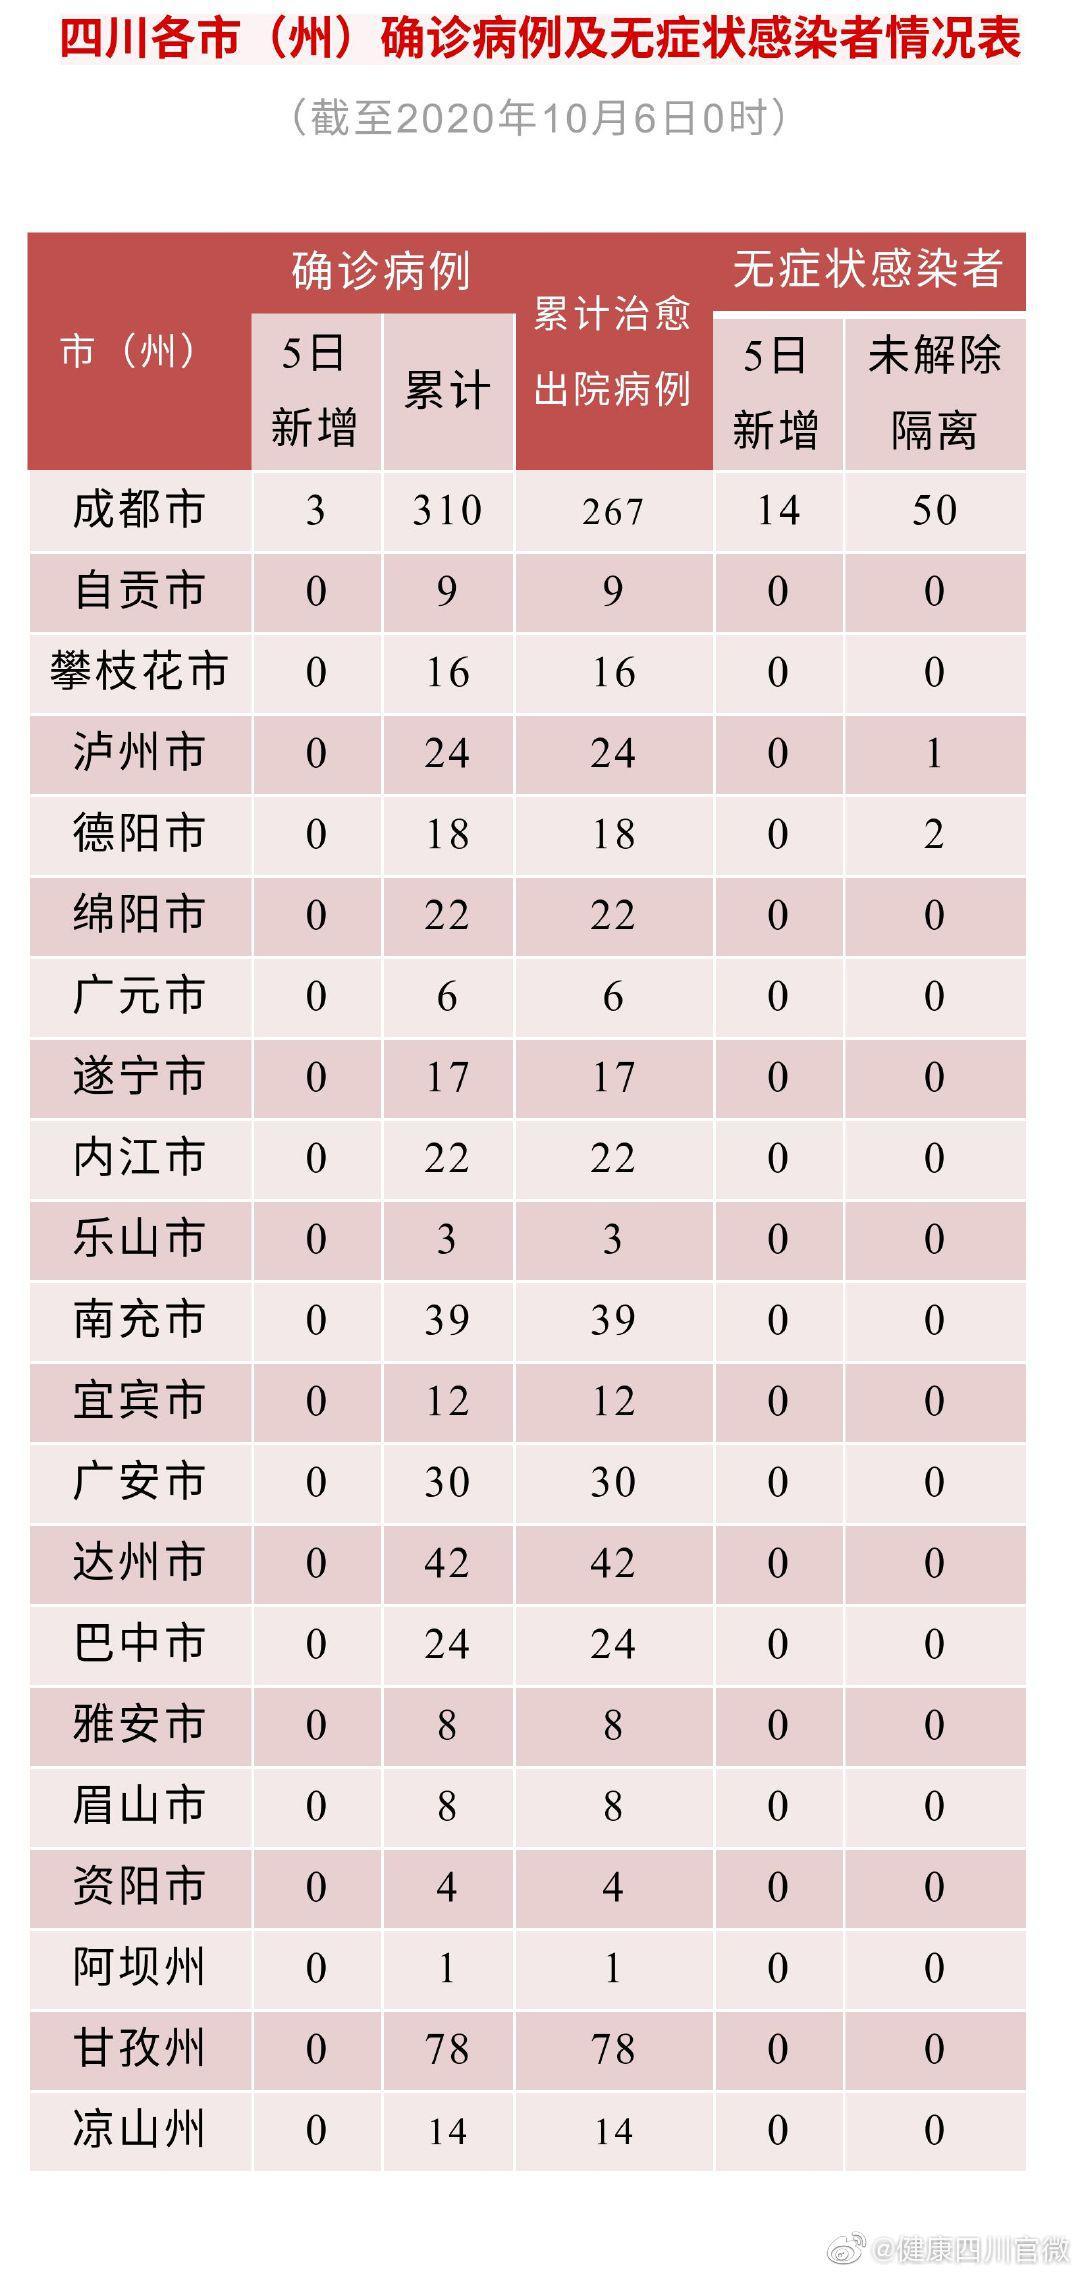 四川5日新增确诊病例3例 均为境外输出